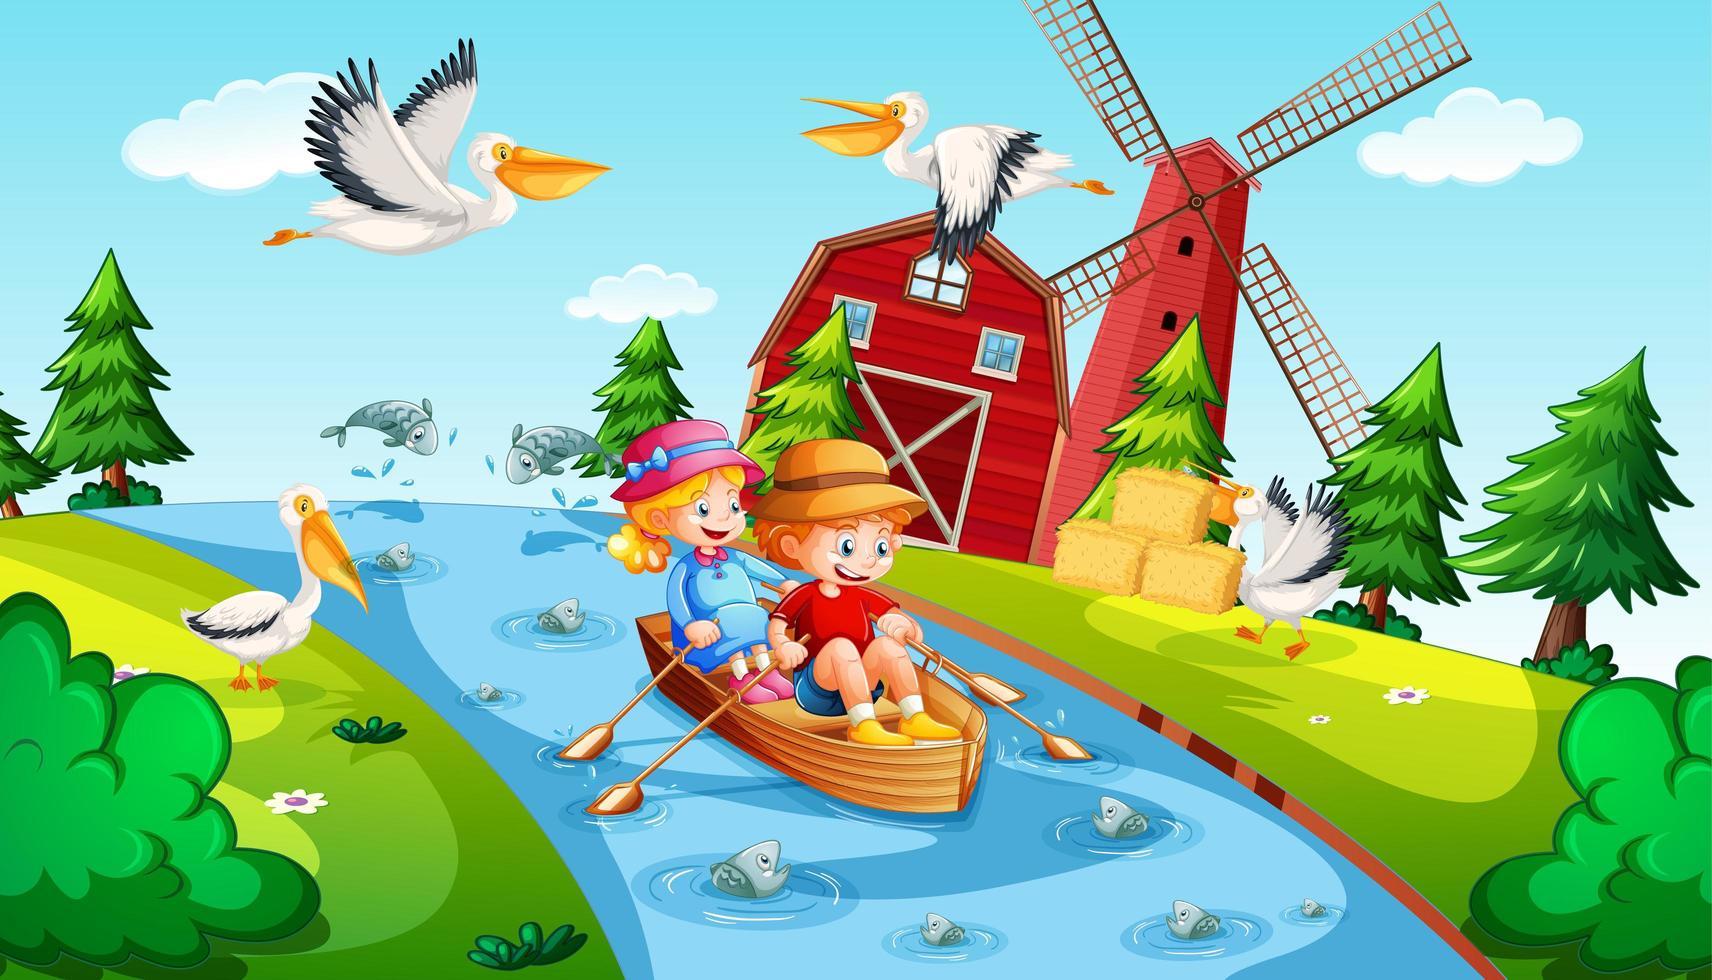 kinderen roeien de boot in de scène van de beekboerderij vector